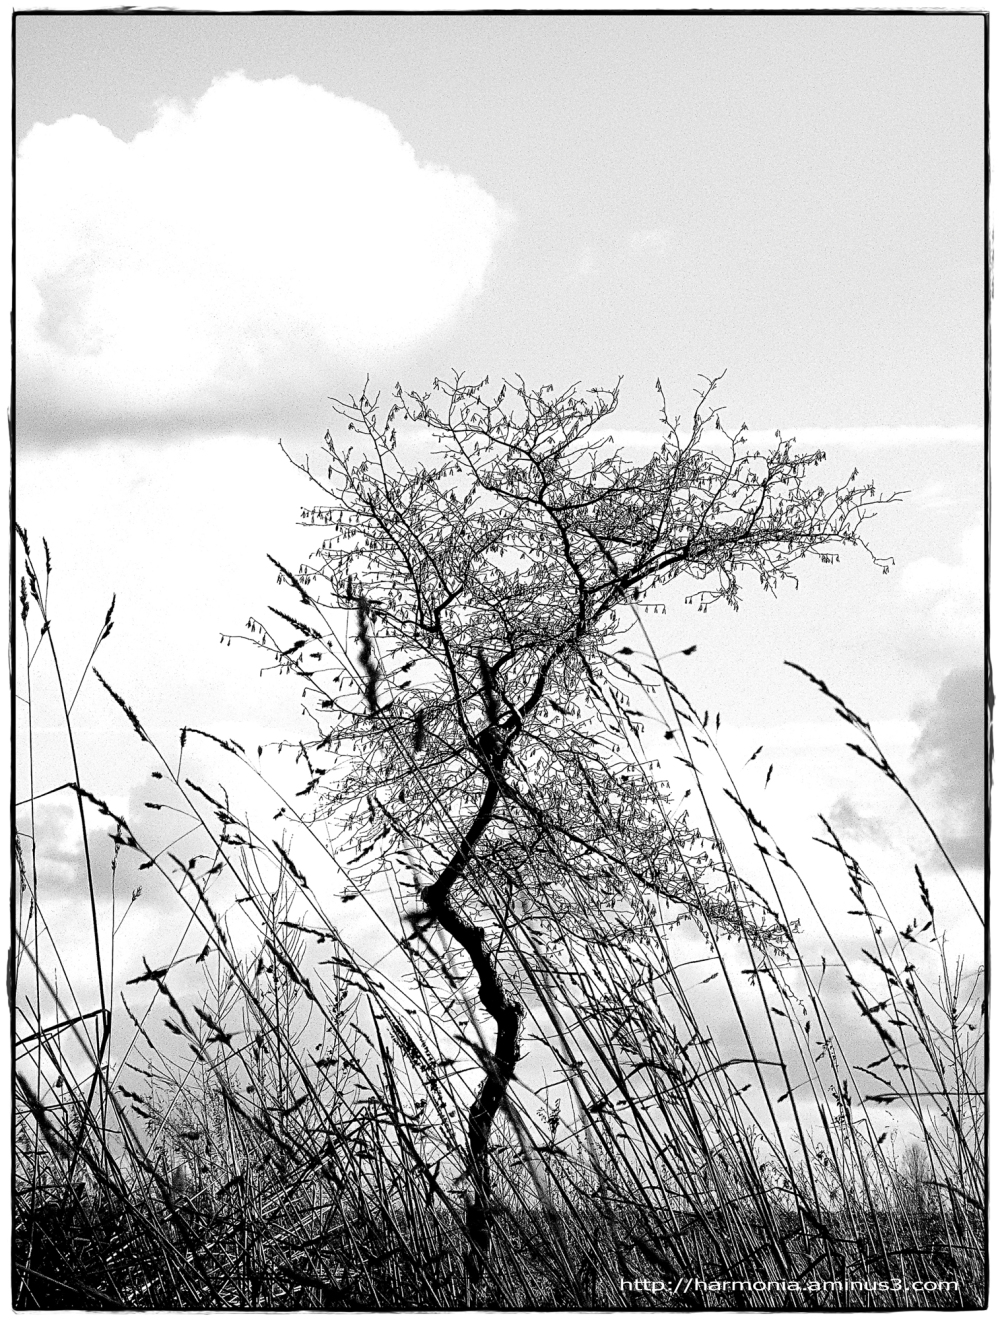 Les herbes qui voulaient dépasser l'arbre...